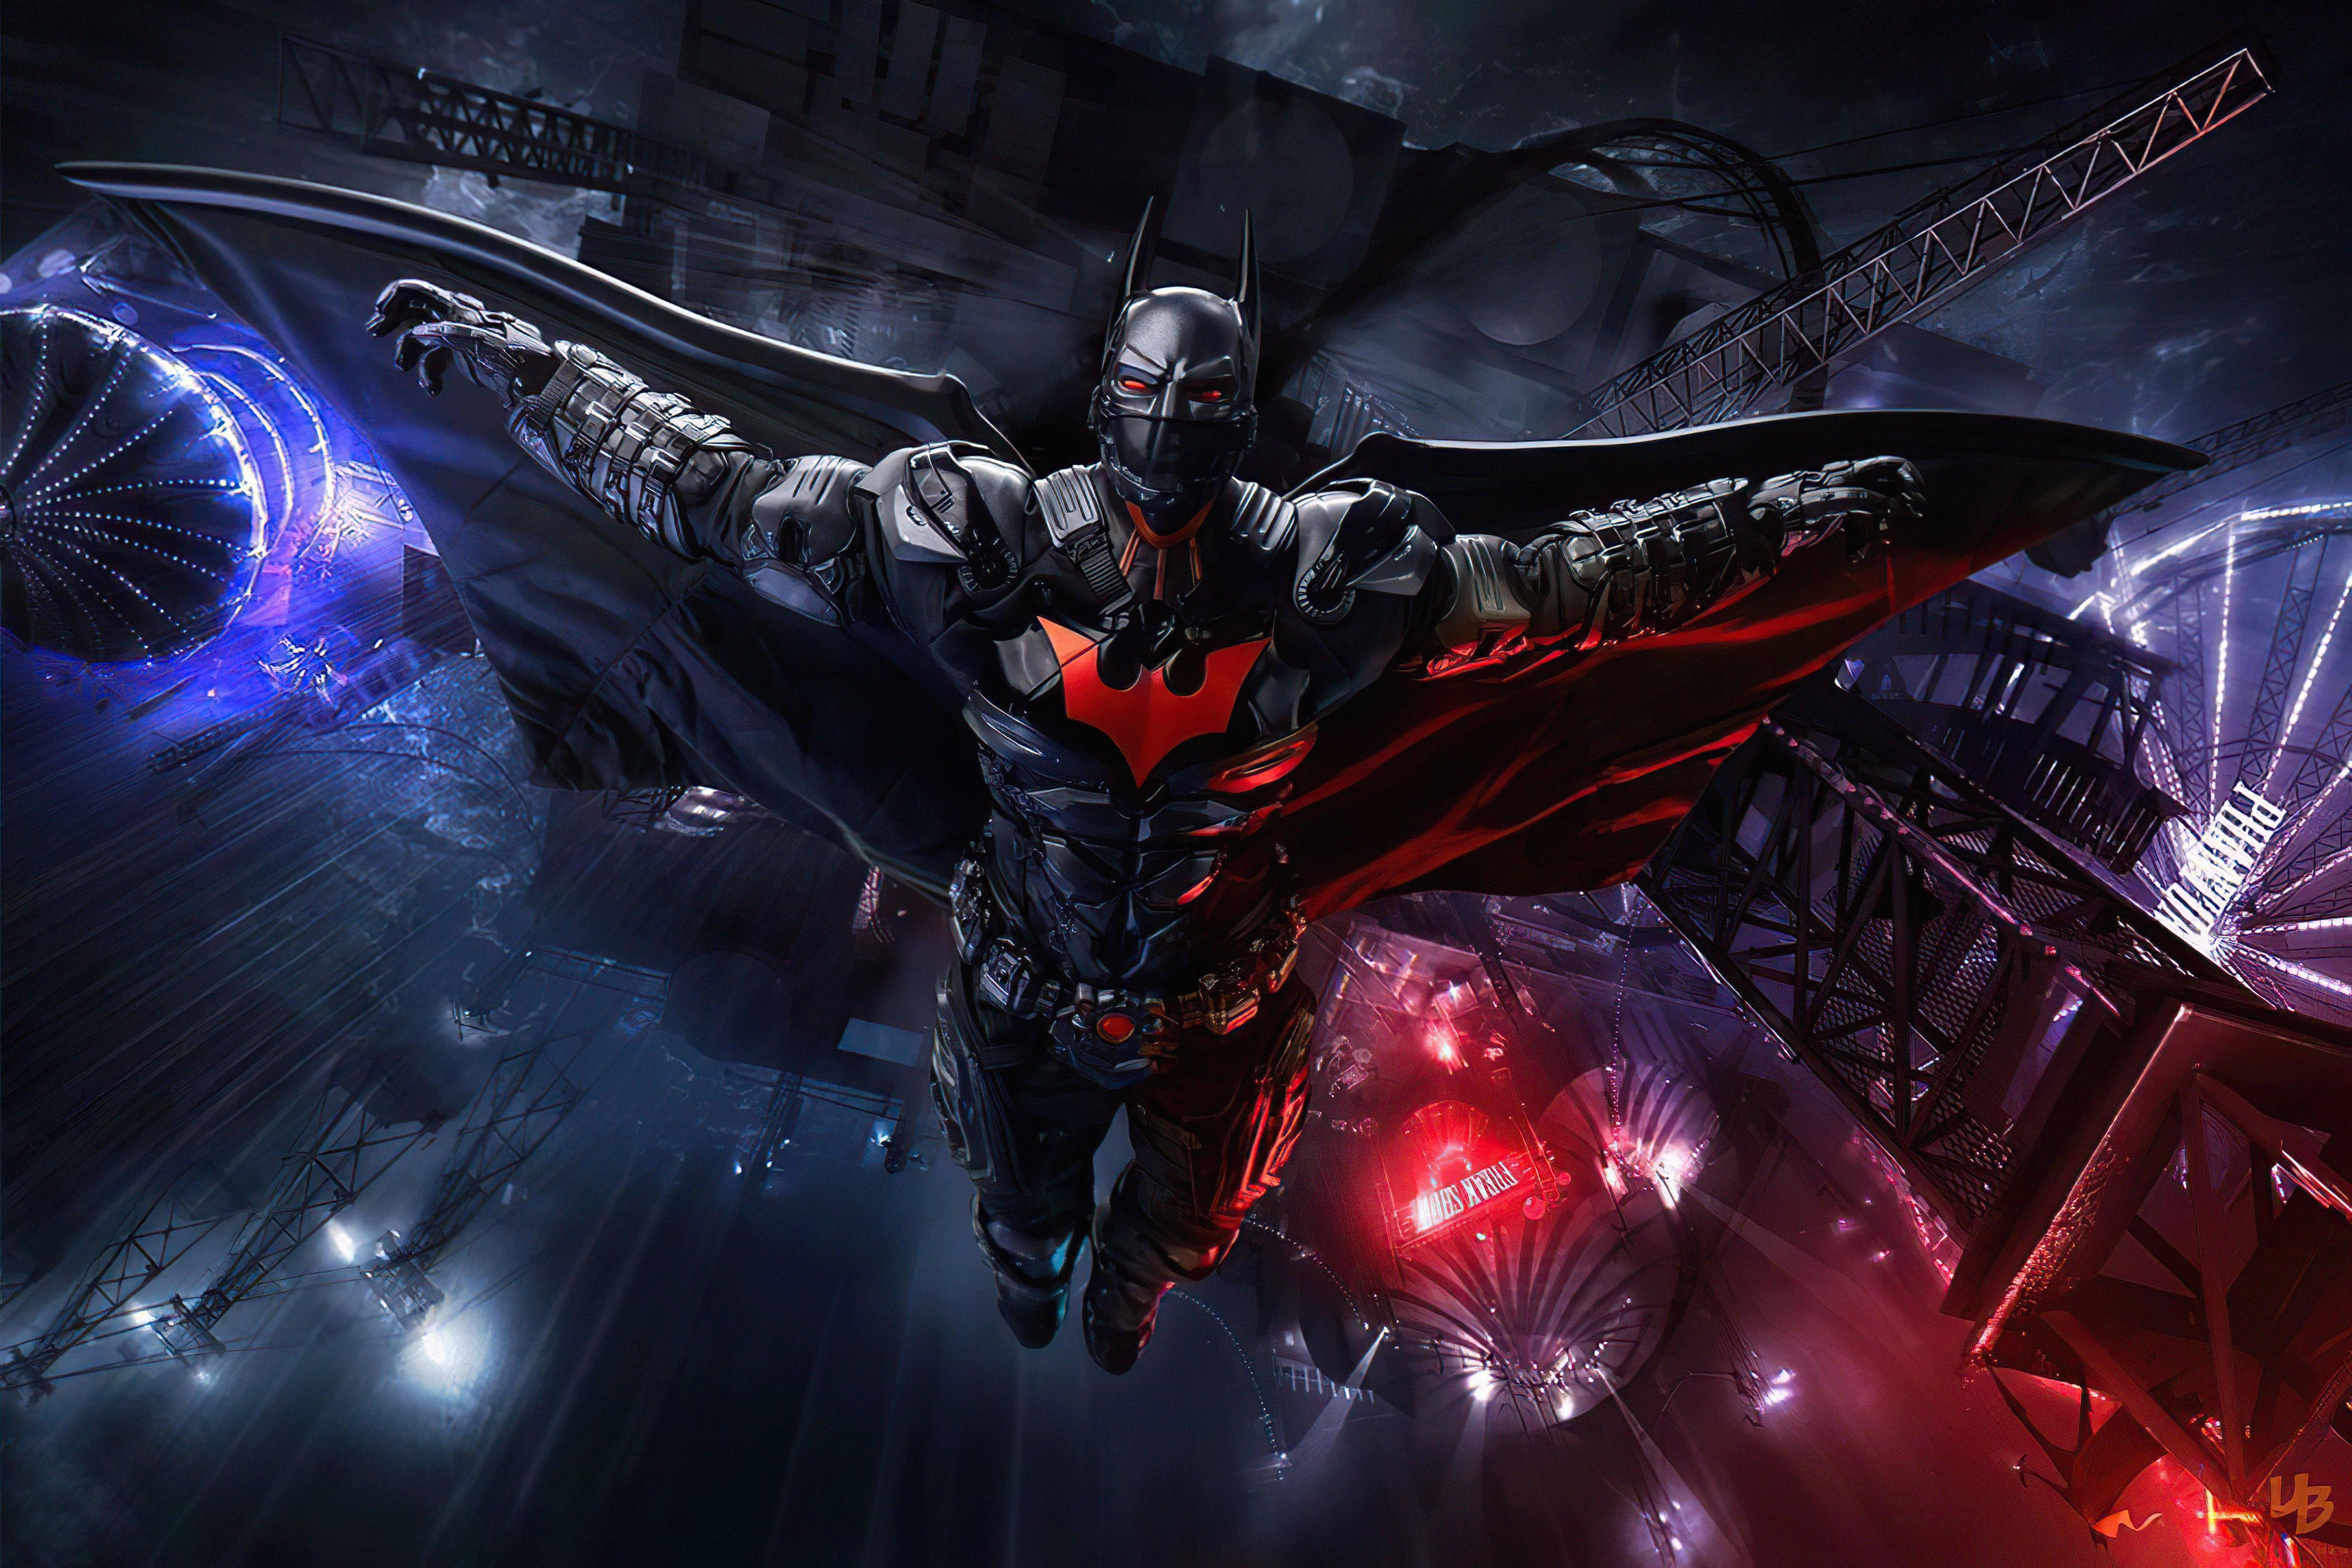 Wallpaper Hight Tech Batman Suit open wings